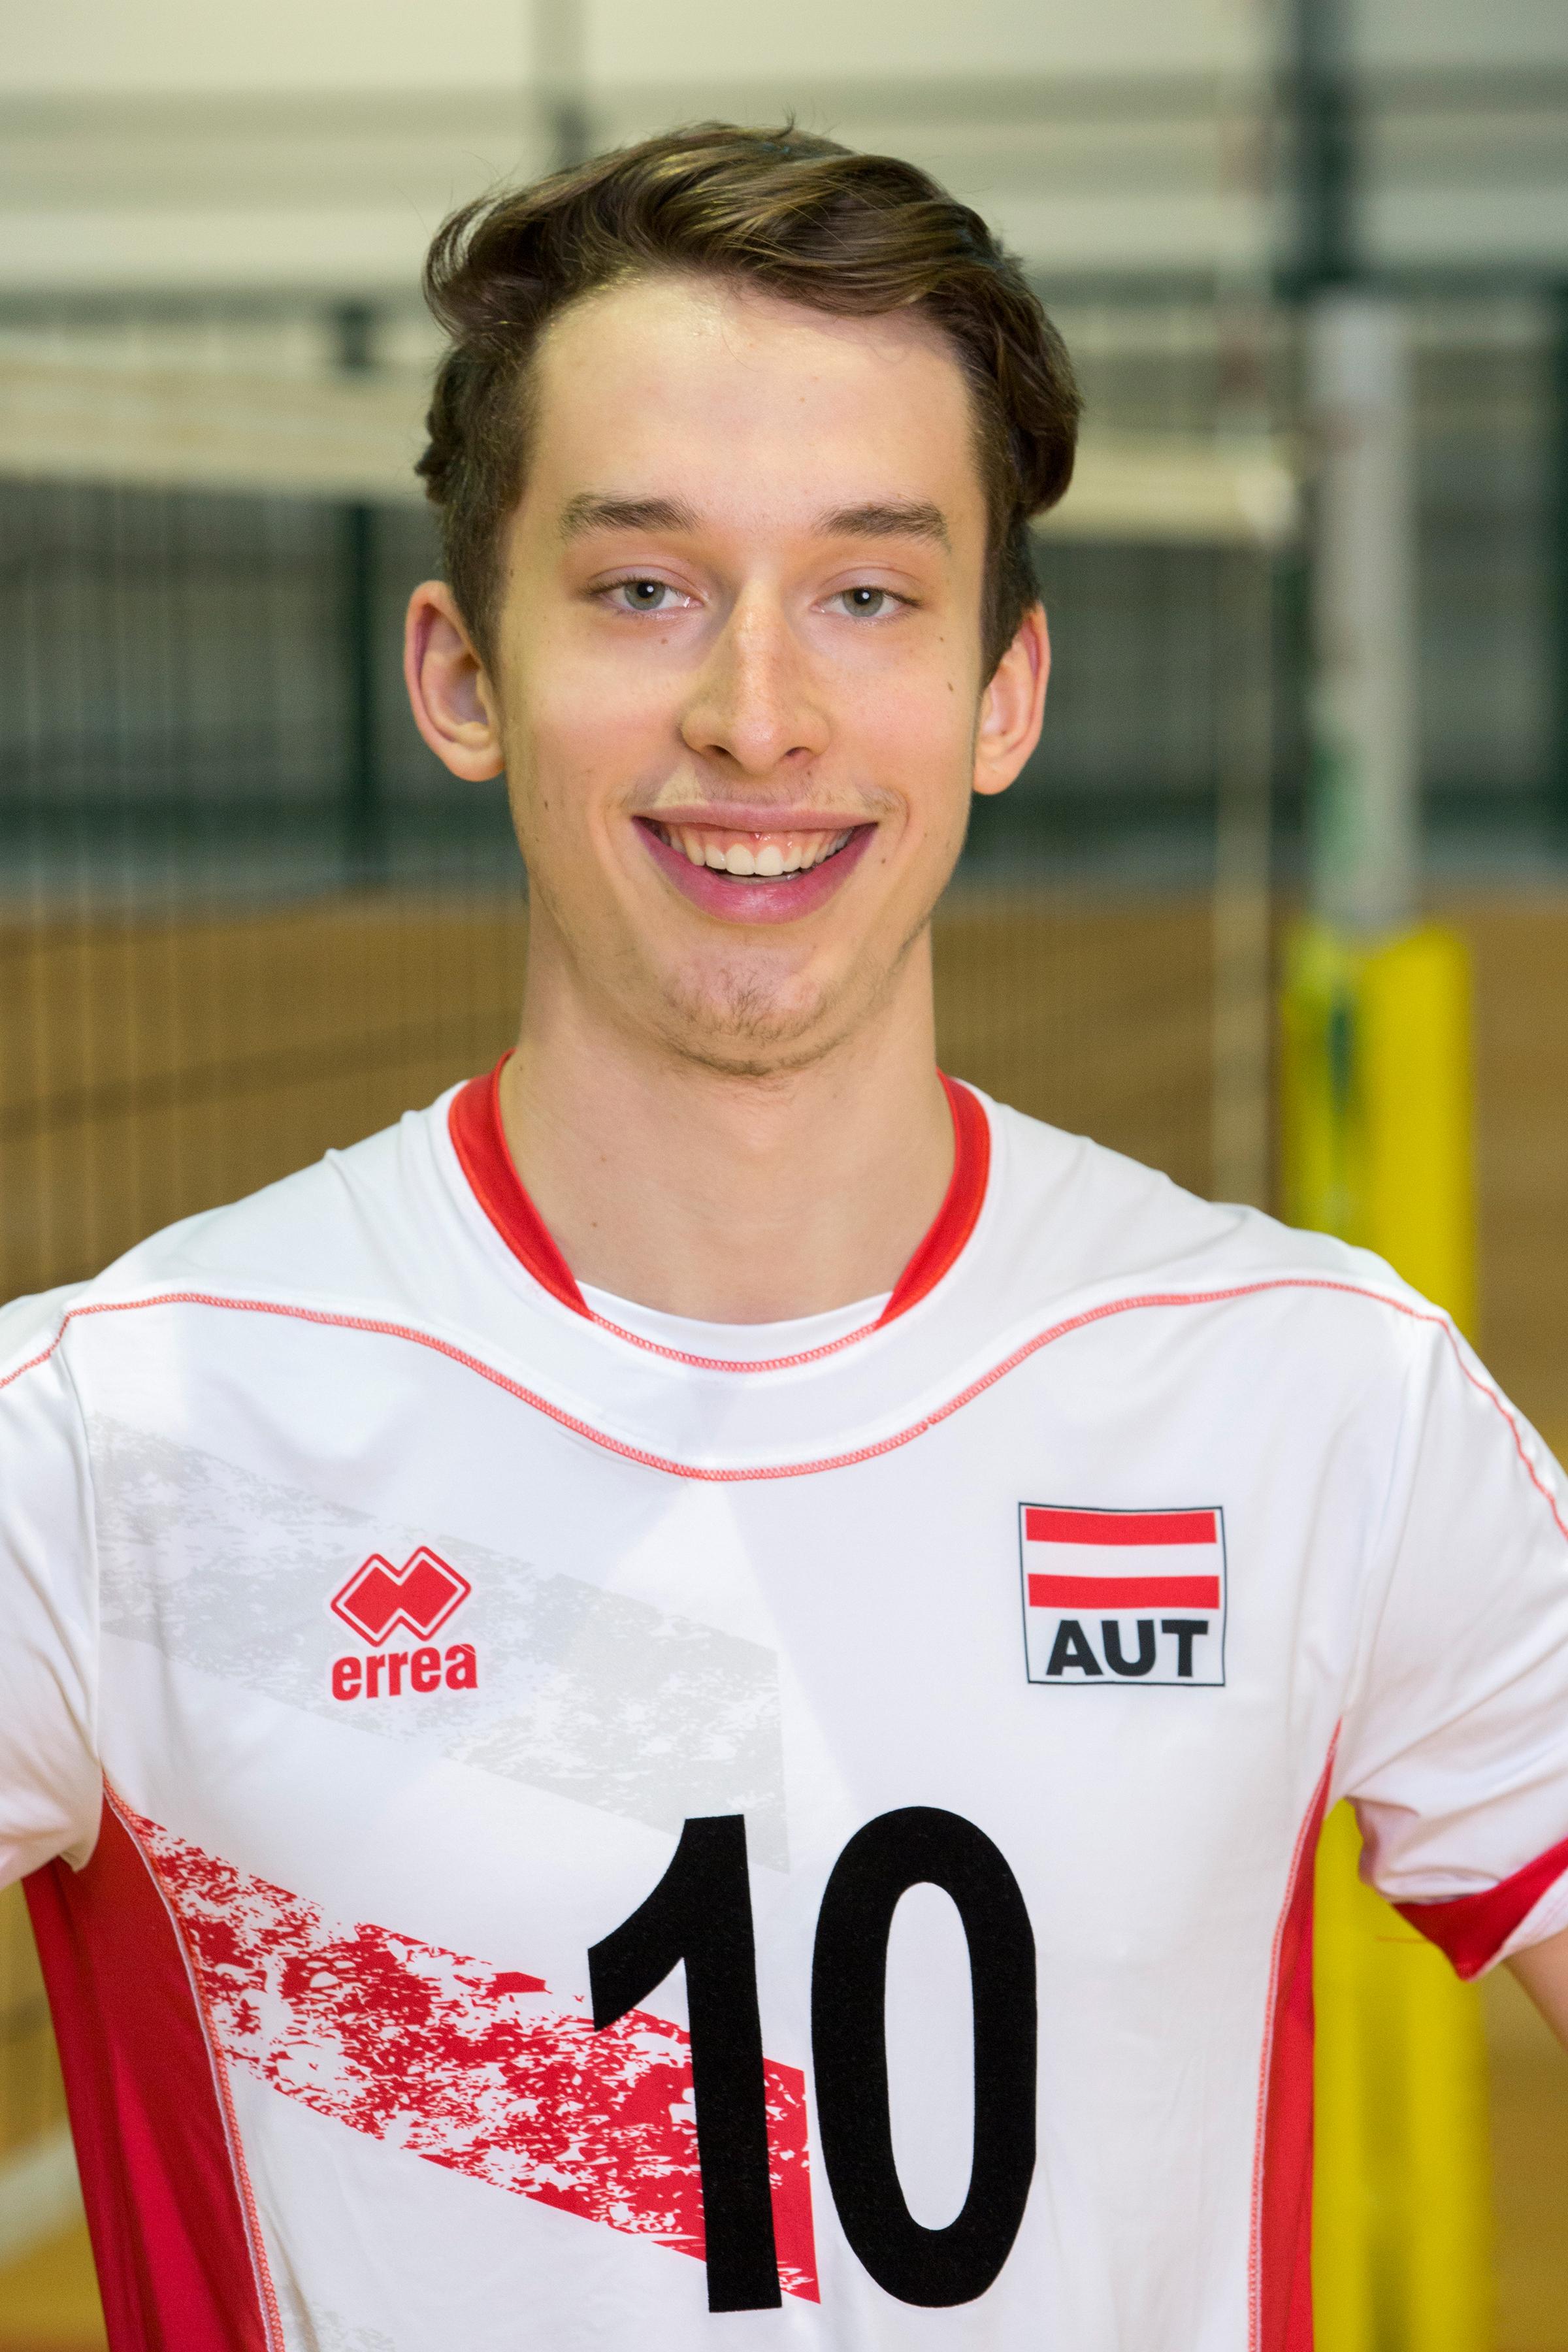 Fabian Kriener